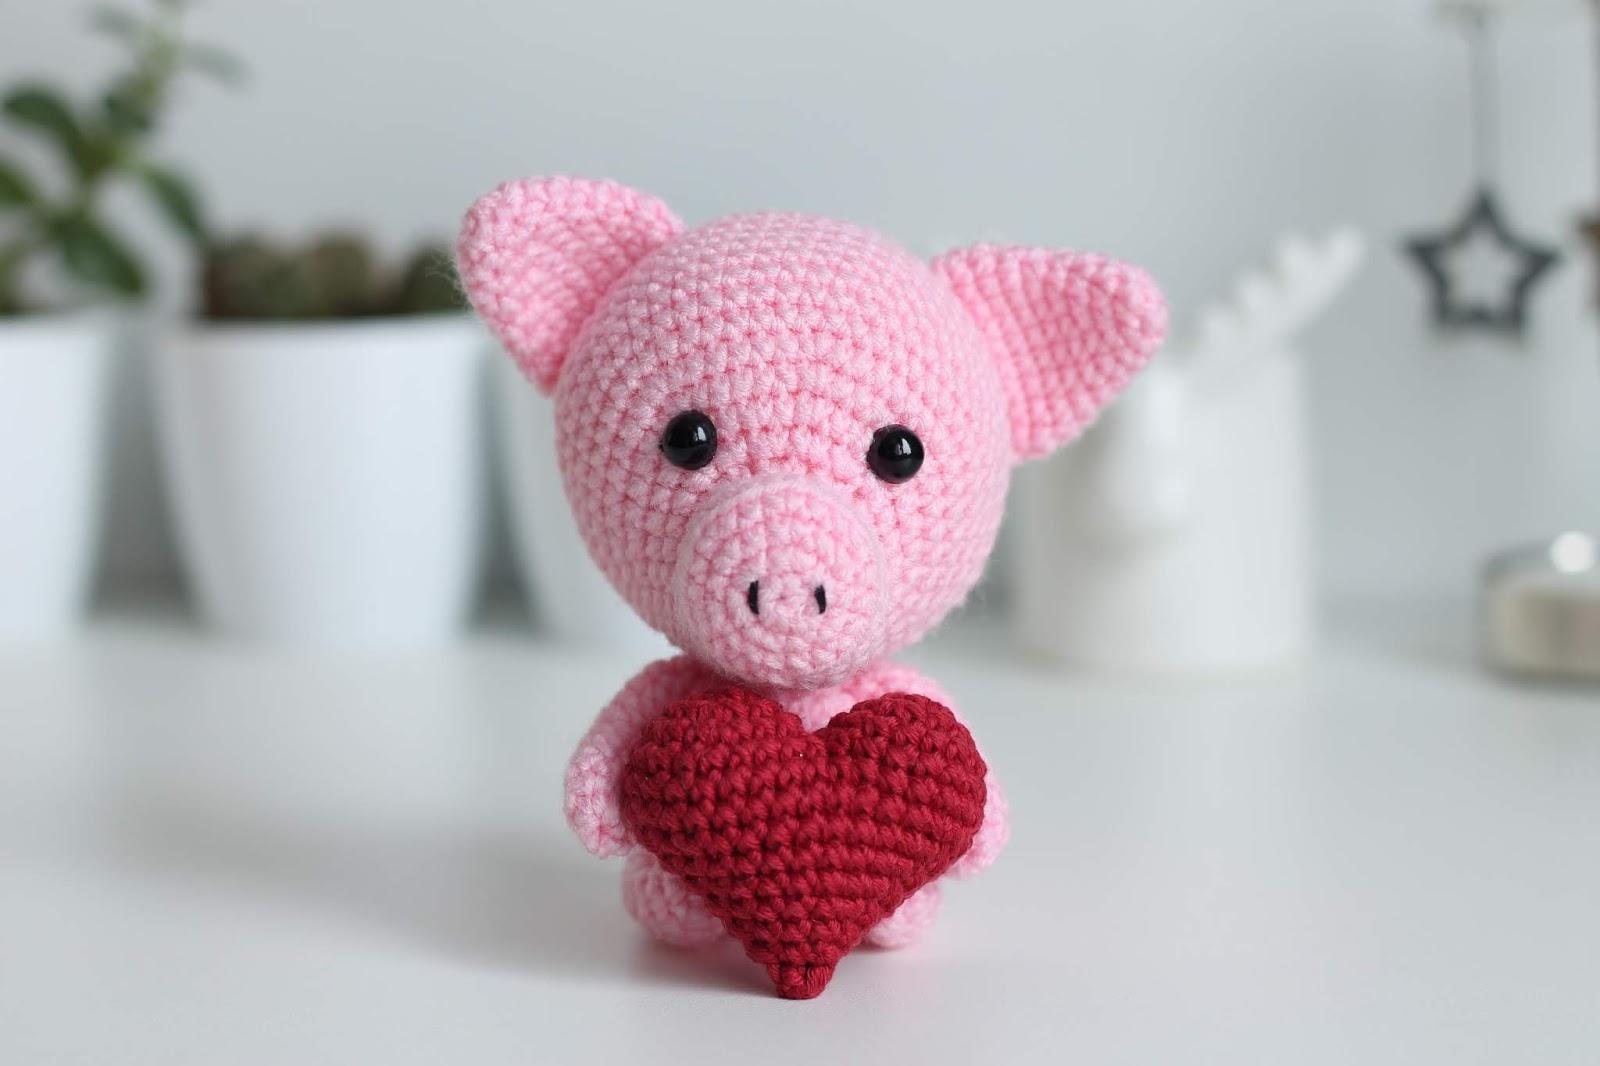 Easy Crochet Heart Free Pattern Knitted Story Bears